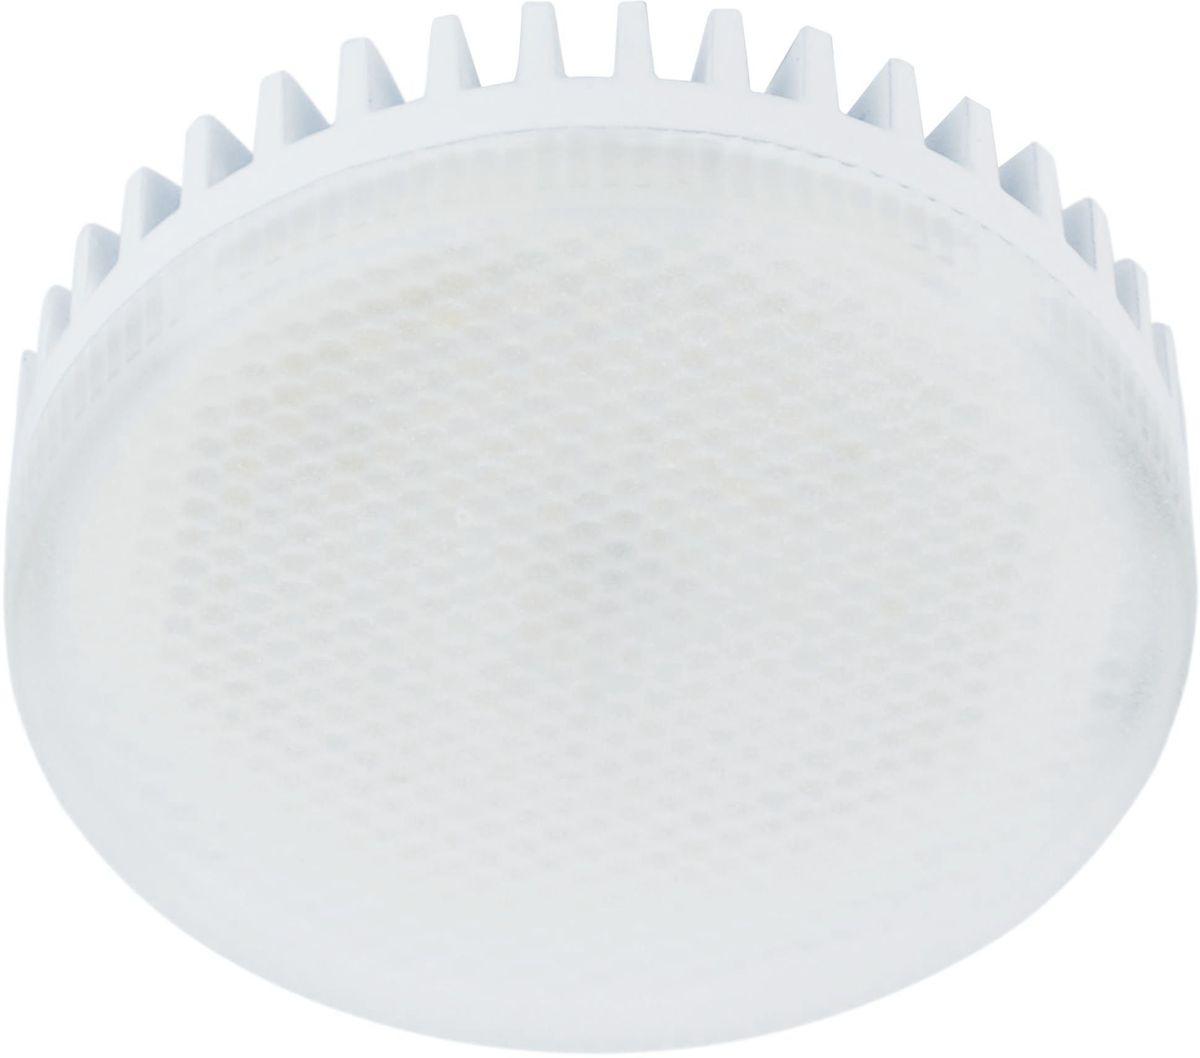 Лампочка REV, Теплый свет 8 Вт, Светодиодная REV